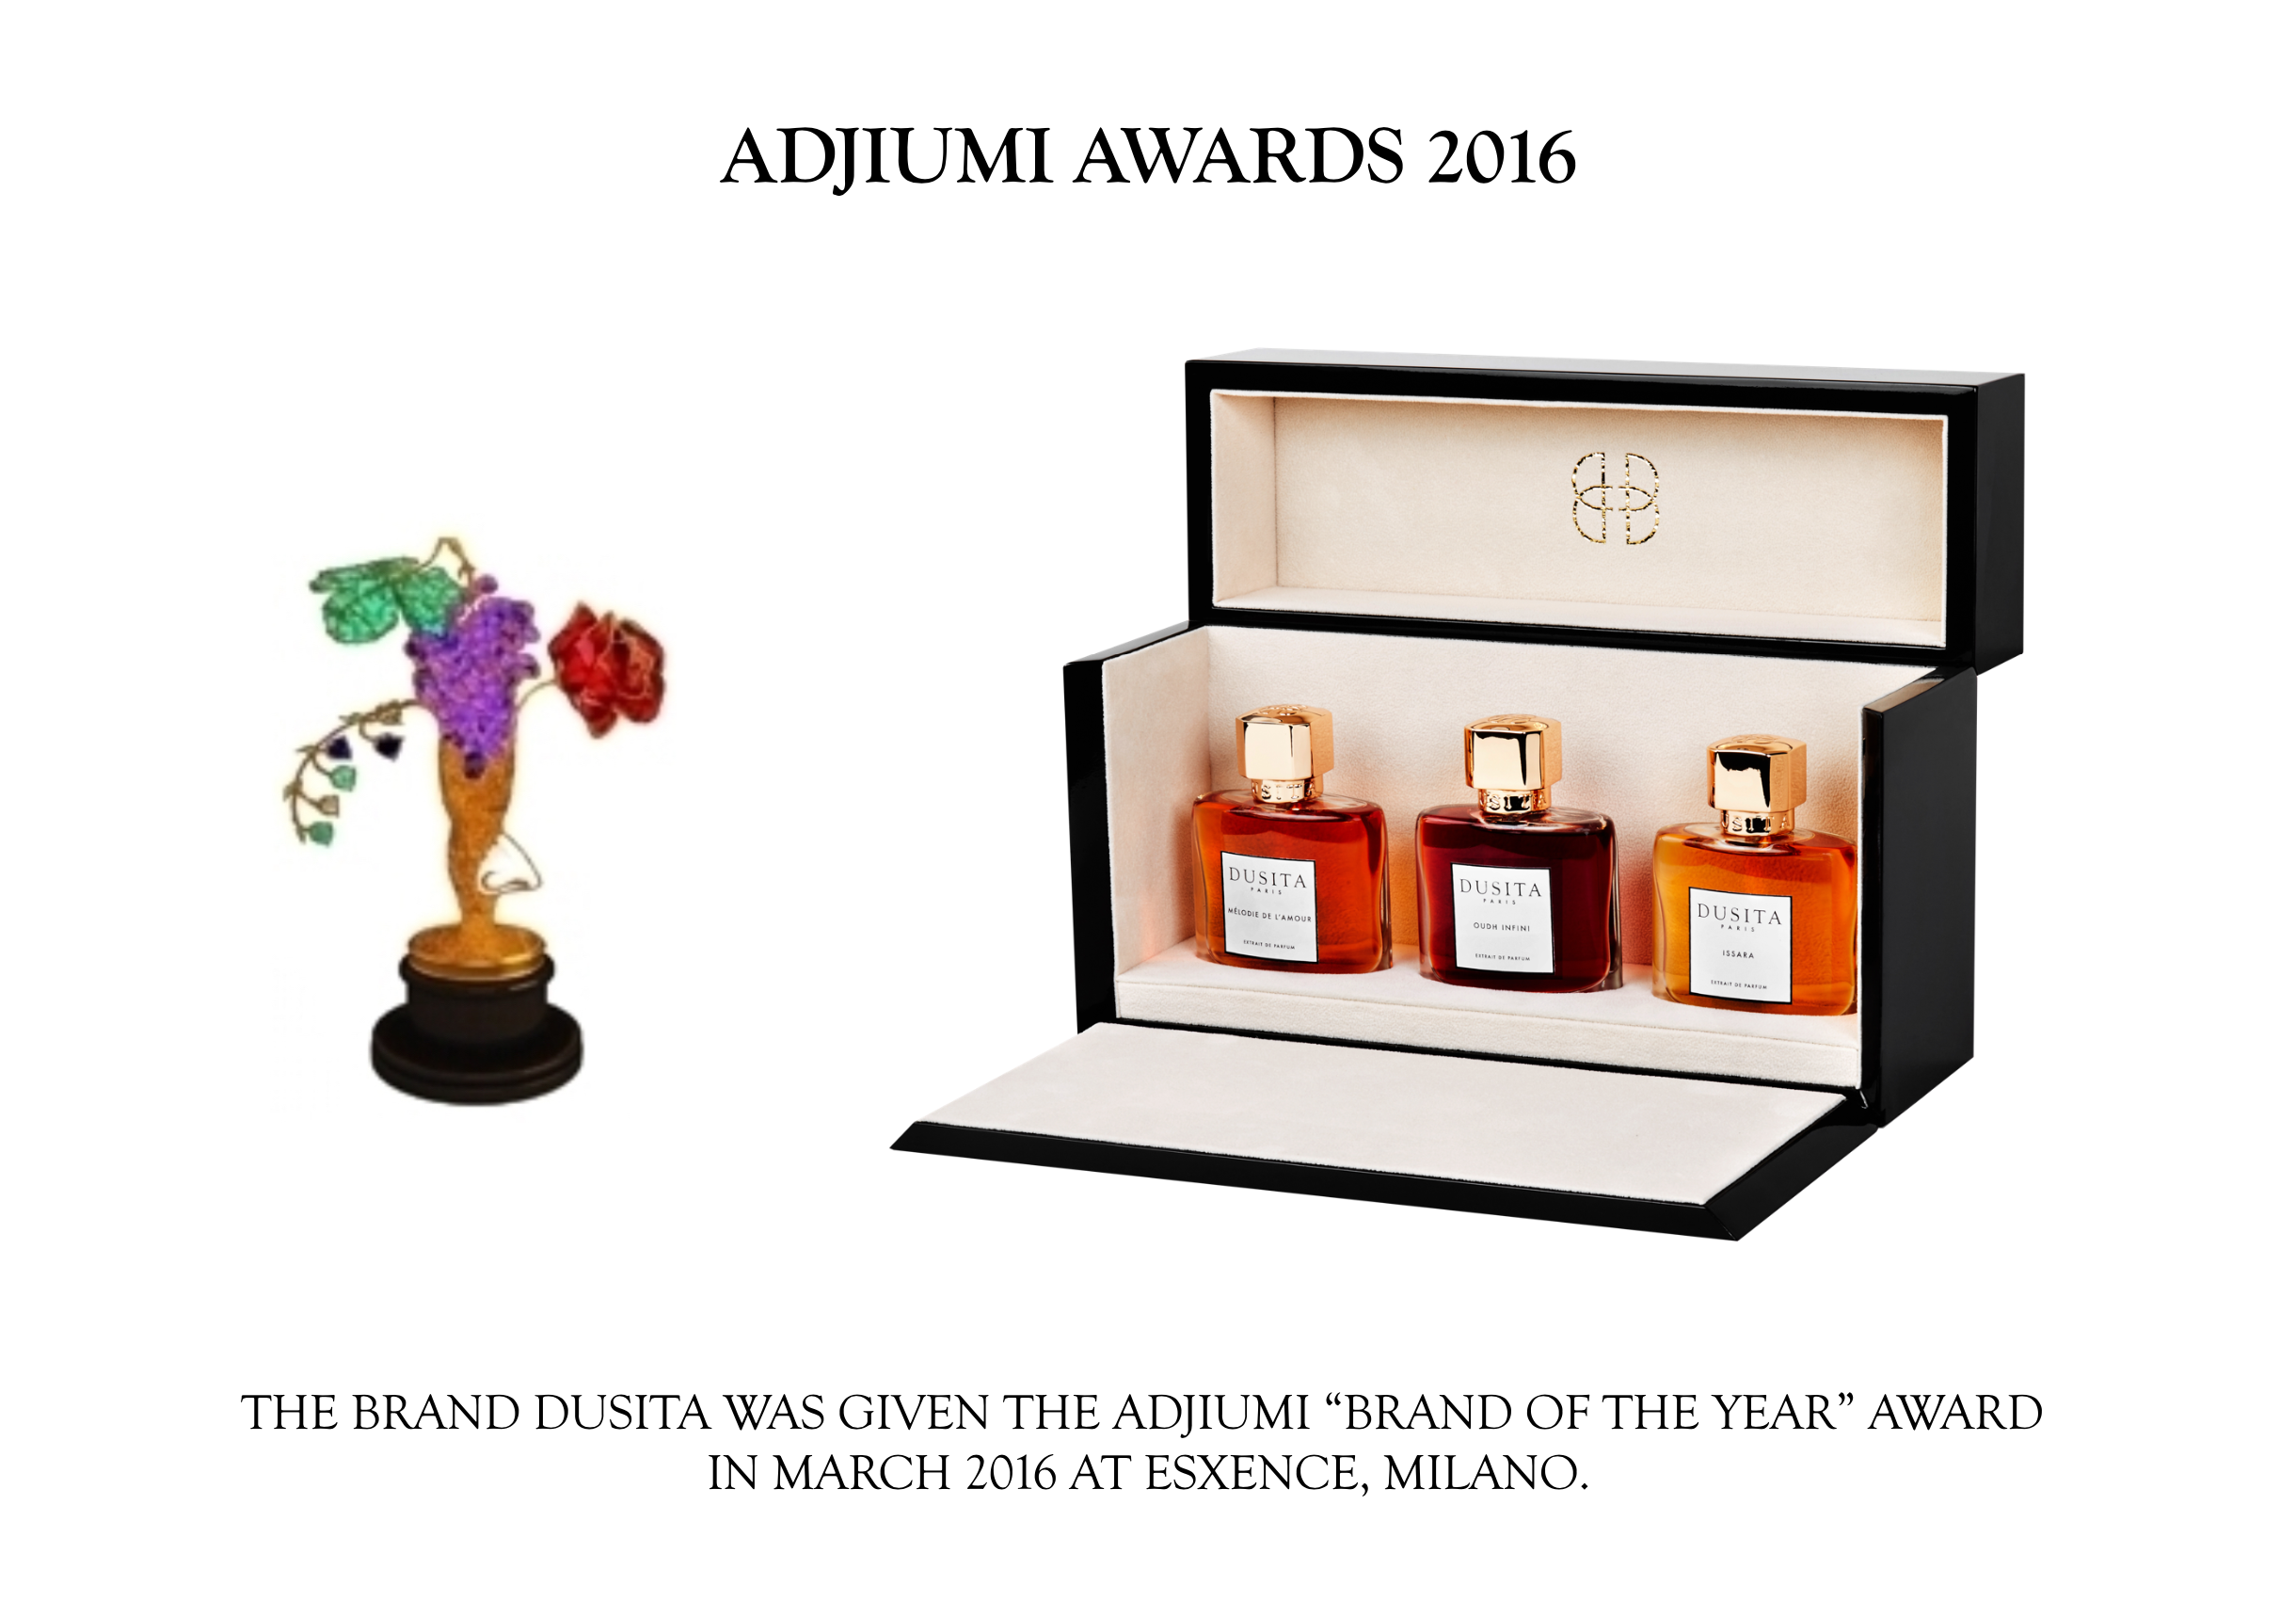 Adjiumi Award 2016 Parfums Dusita